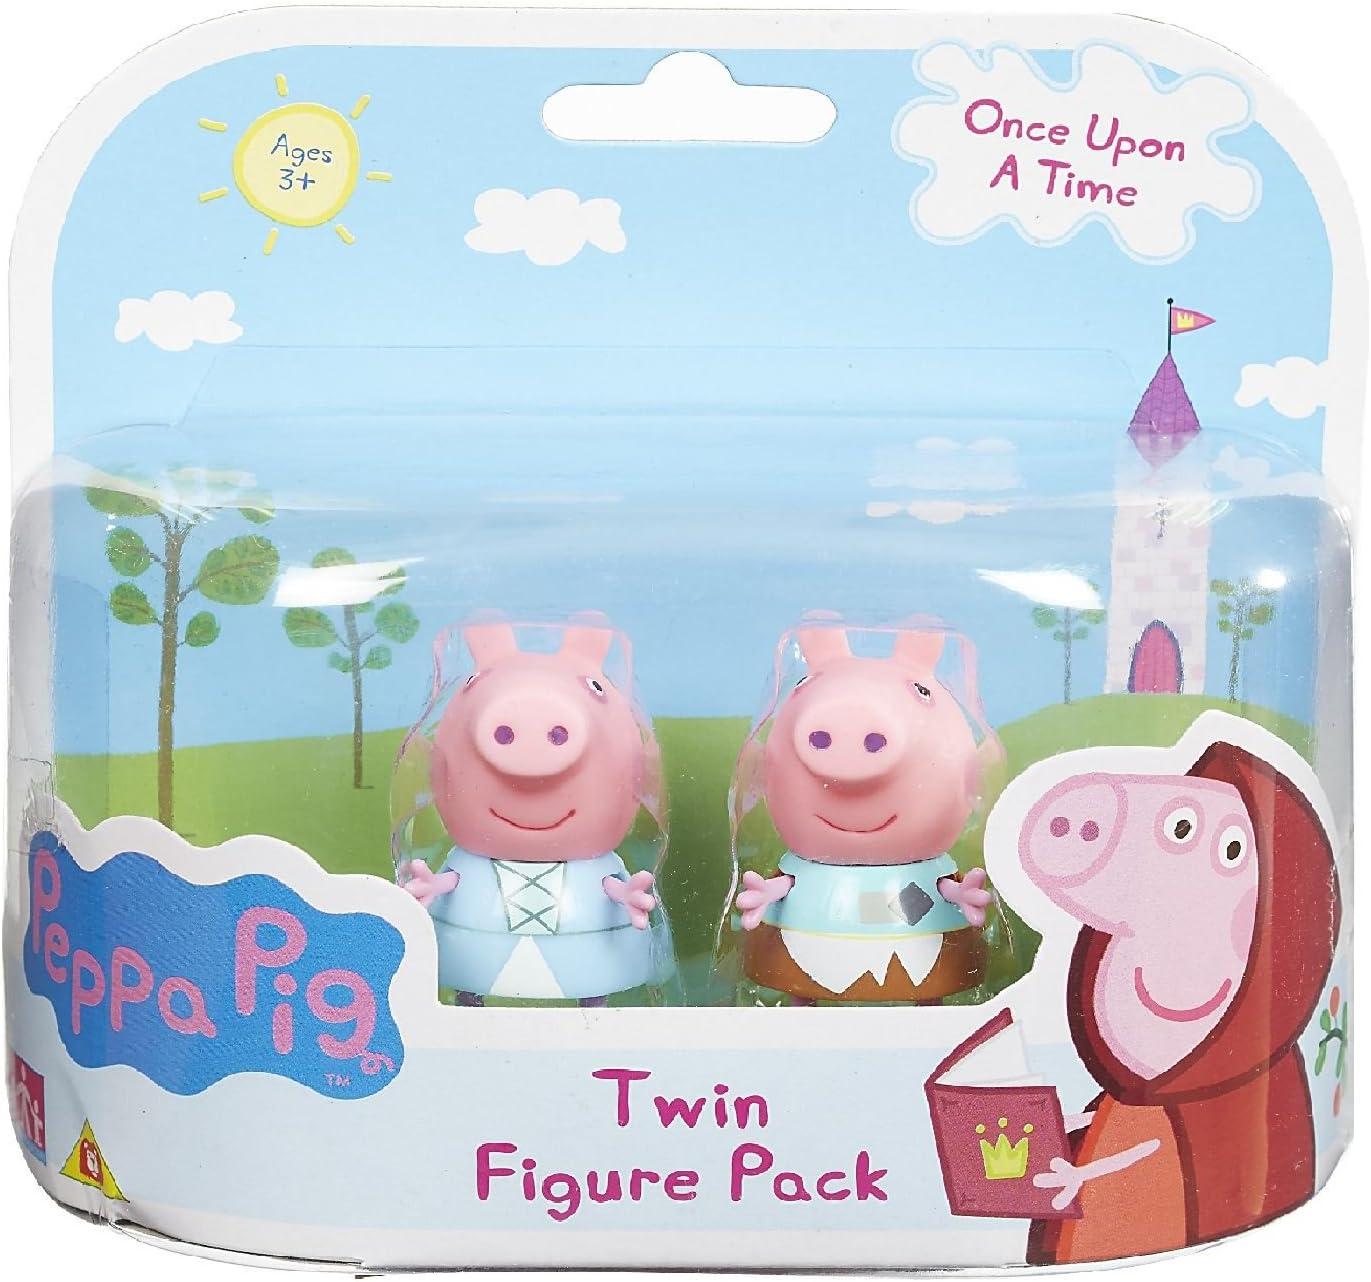 Peppa Pig Once Upon A Time Gemelas Figura Pack- Princesa Peppa y Peppa En Rags (Se distribuye desde el Reino Unido): Amazon.es: Juguetes y juegos